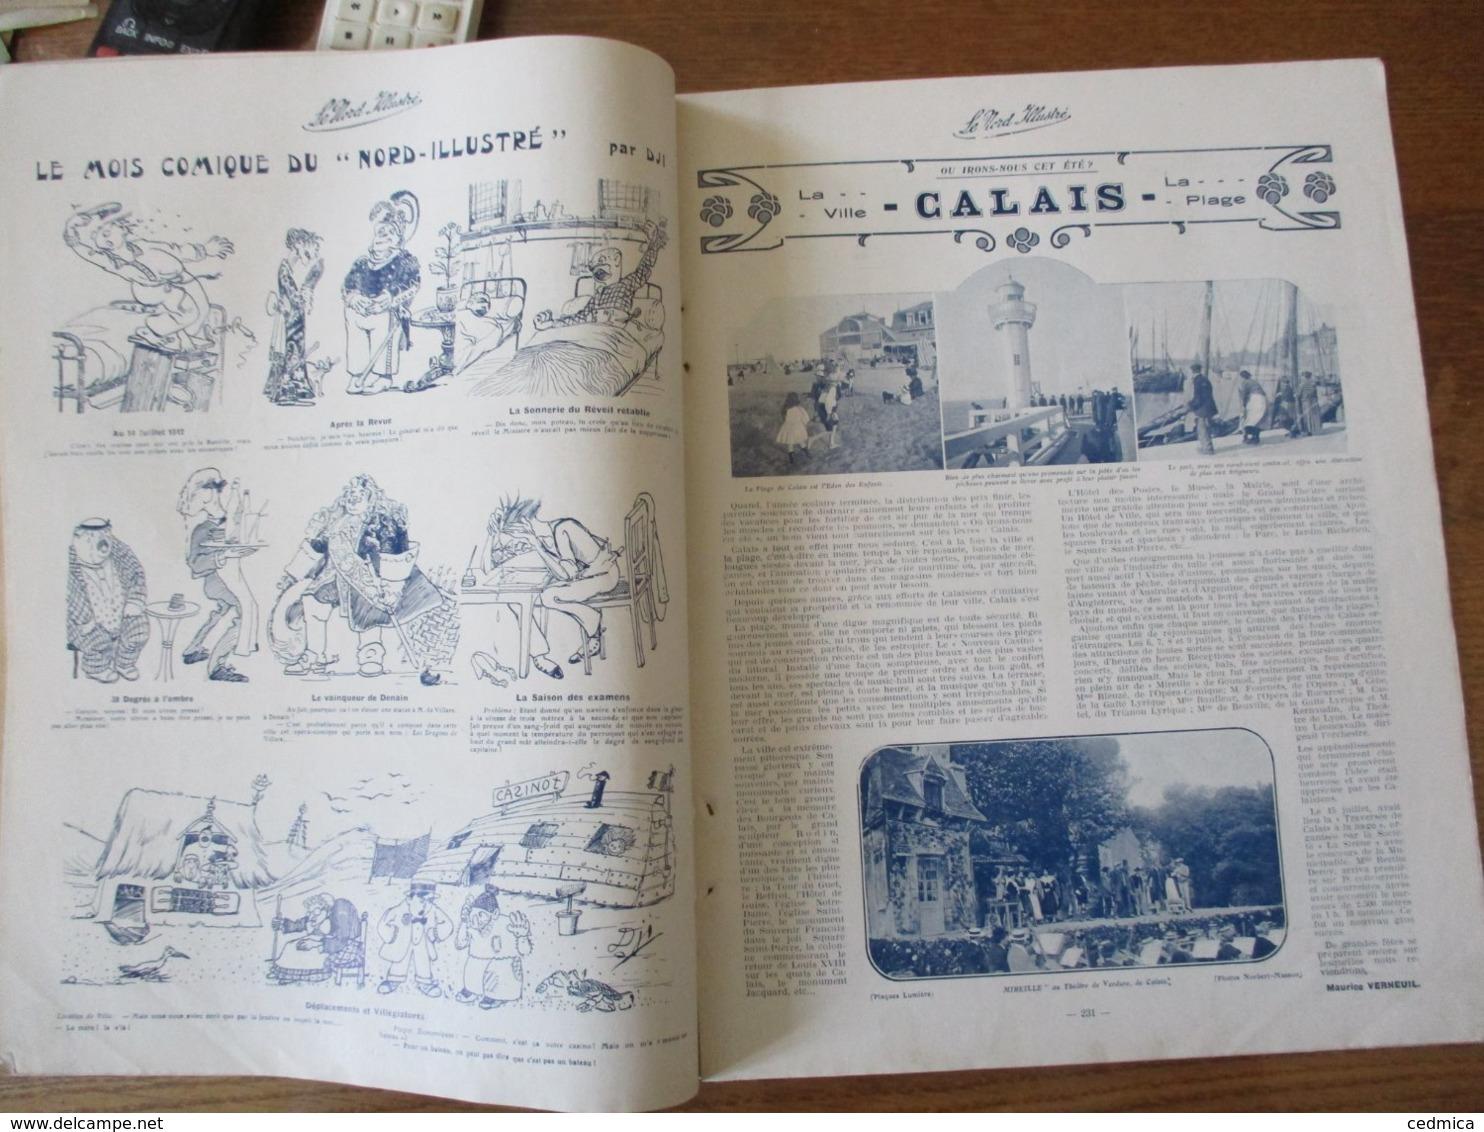 LE NORD ILLUSTRE DU 1er AOUT 1912 LA GREVE DES INSCRITS ET DOCKERS A DUNKERQUE,CALAIS,ACTUALITES DE LA QUINZAINE - Picardie - Nord-Pas-de-Calais